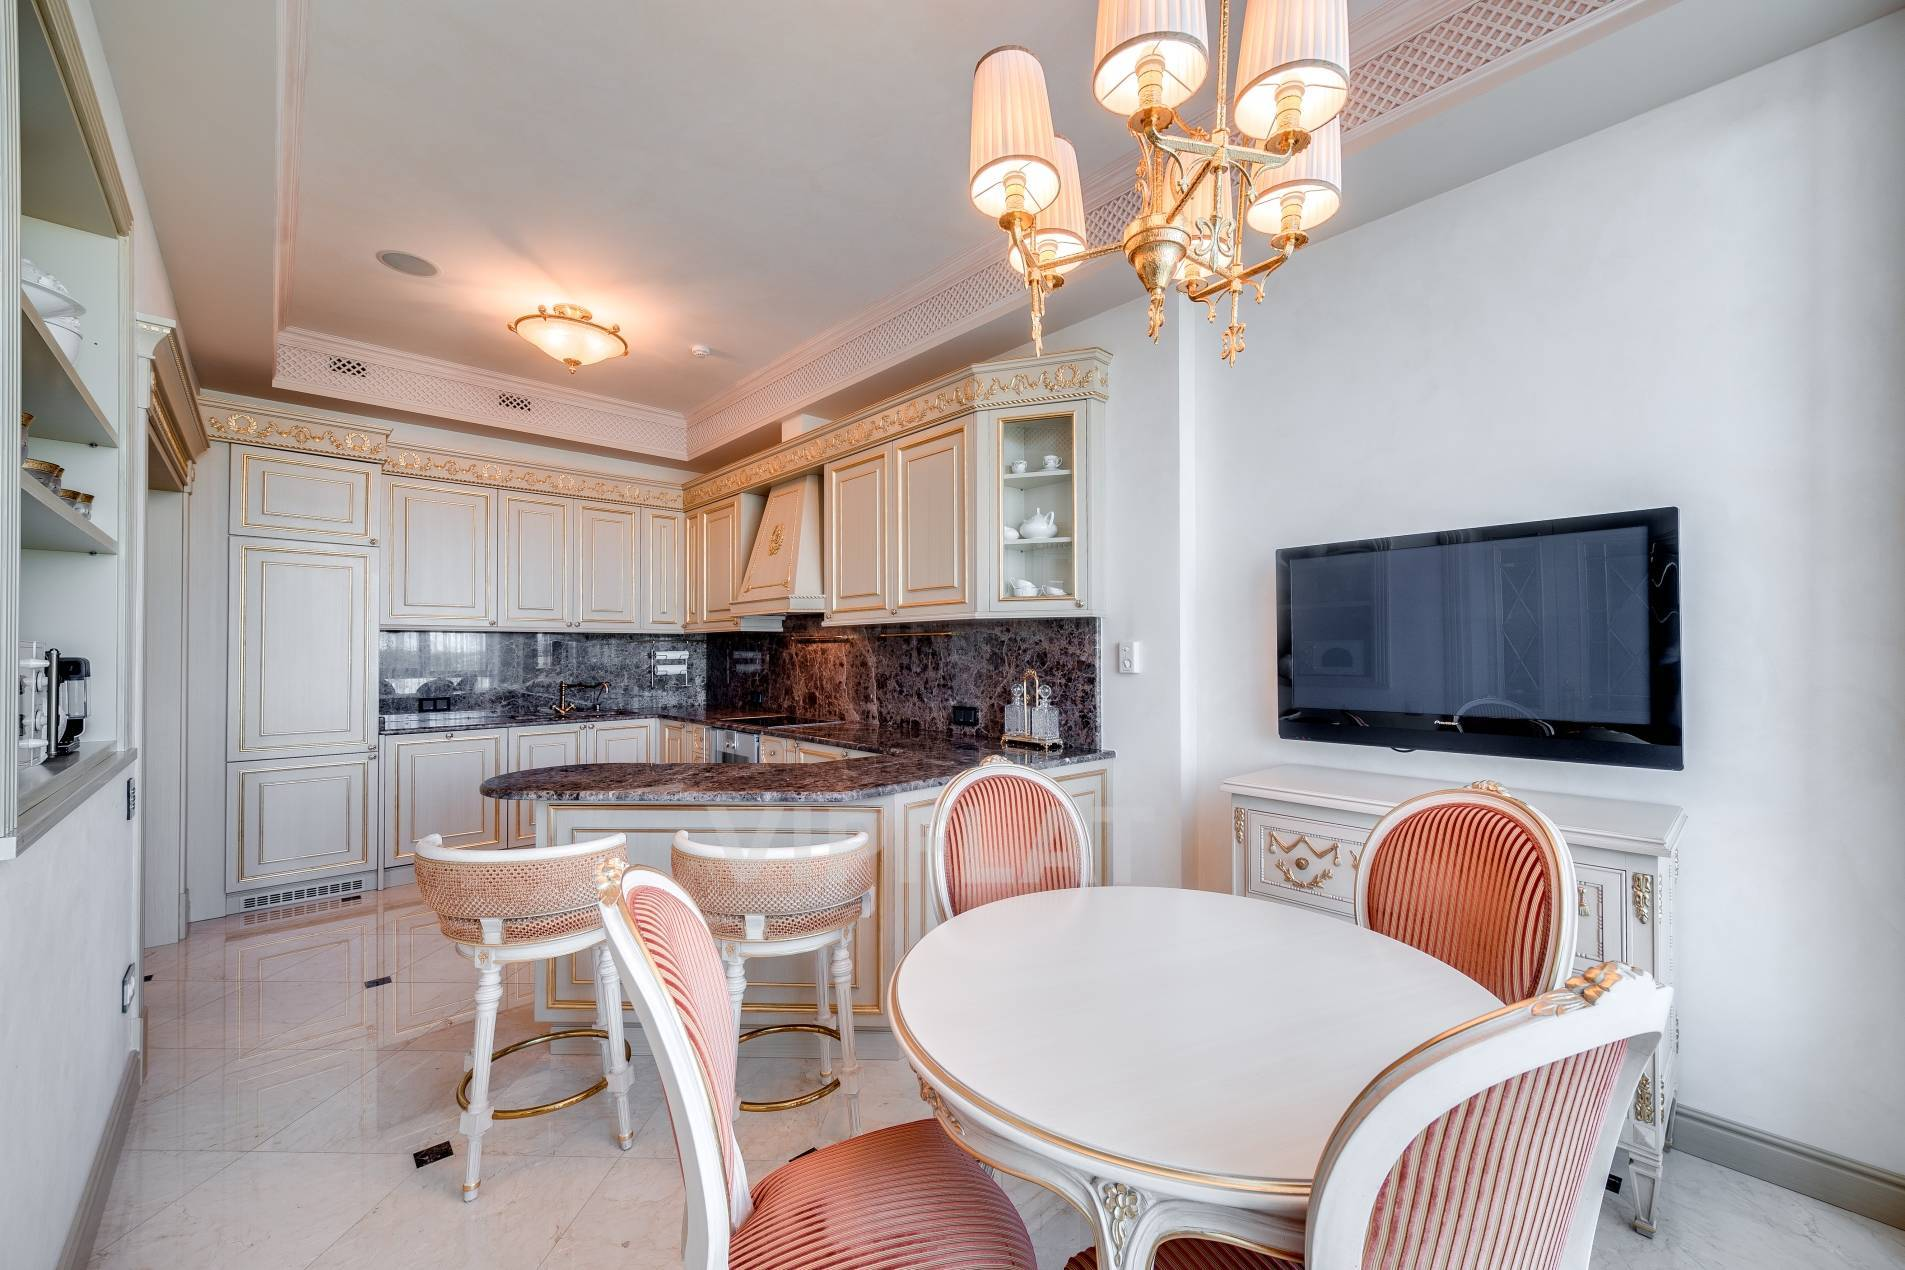 Продажа элитных квартир Санкт-Петербурга. Песочная наб., 12 Светлая кухня в классическом стиле